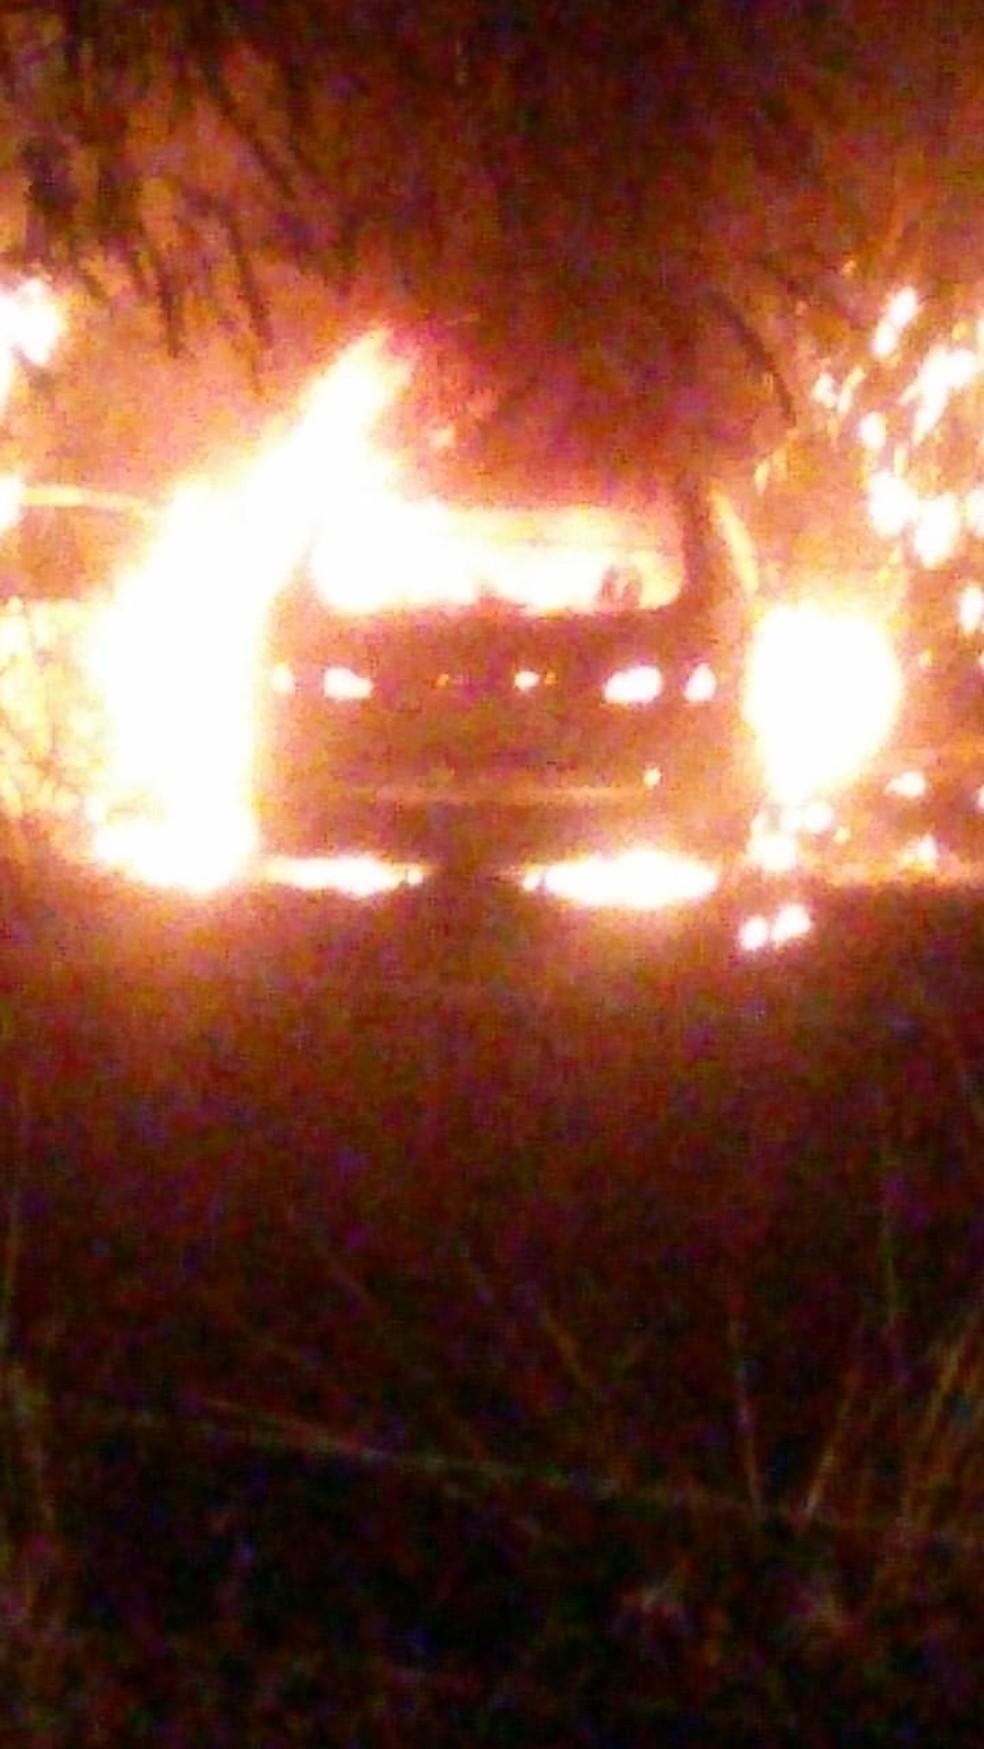 Ladrões que roubaram carro em clínica veterinária trocaram tiros com a polícia e fugiram após veículo pegar fogo (Foto: Divulgação)